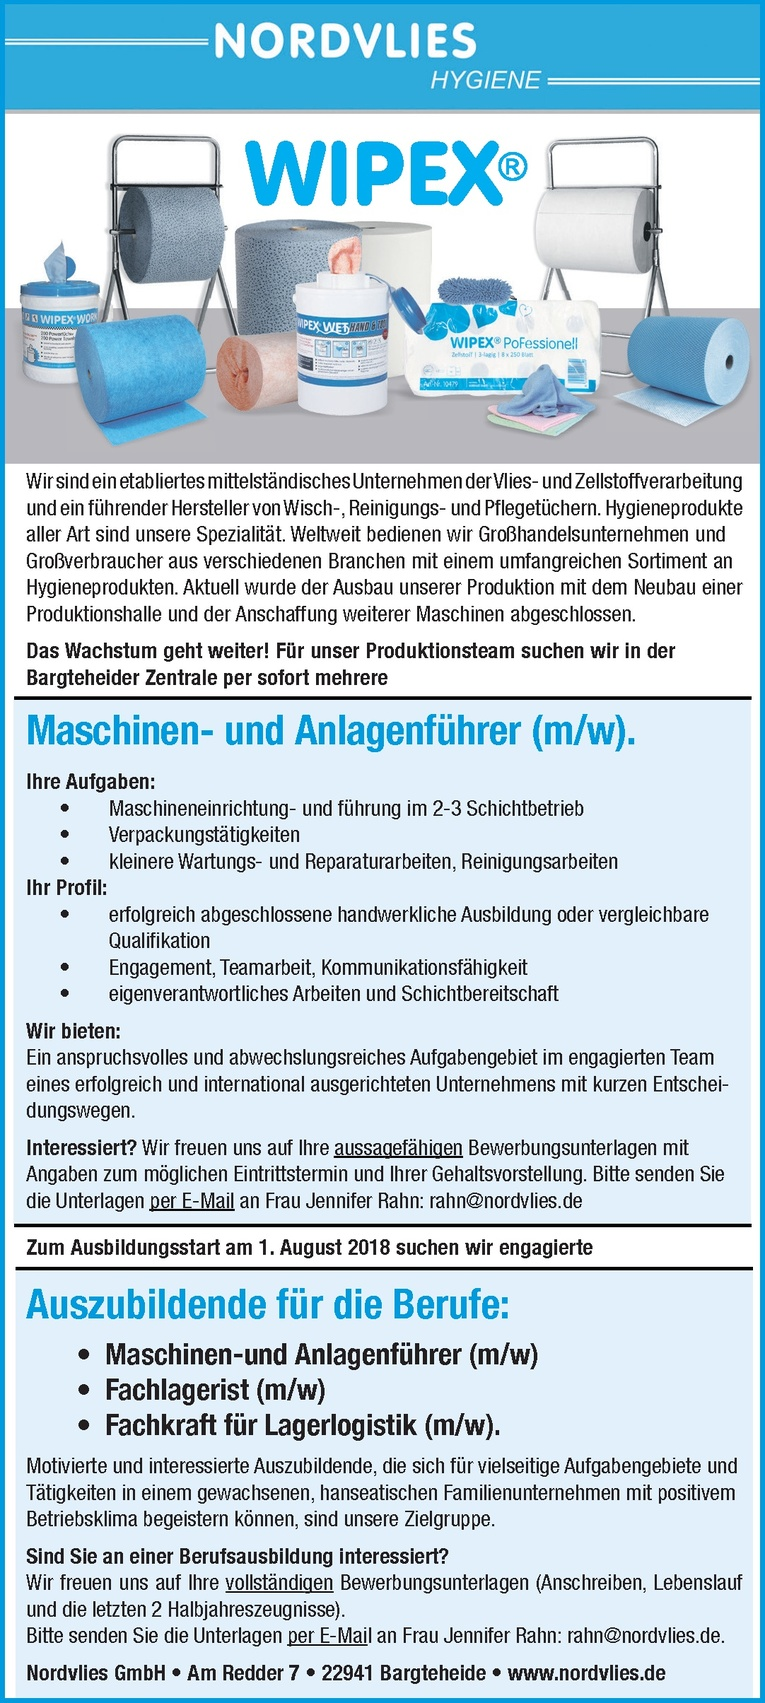 Auszubildende Fachkraft für Lagerlogistik (m/w)